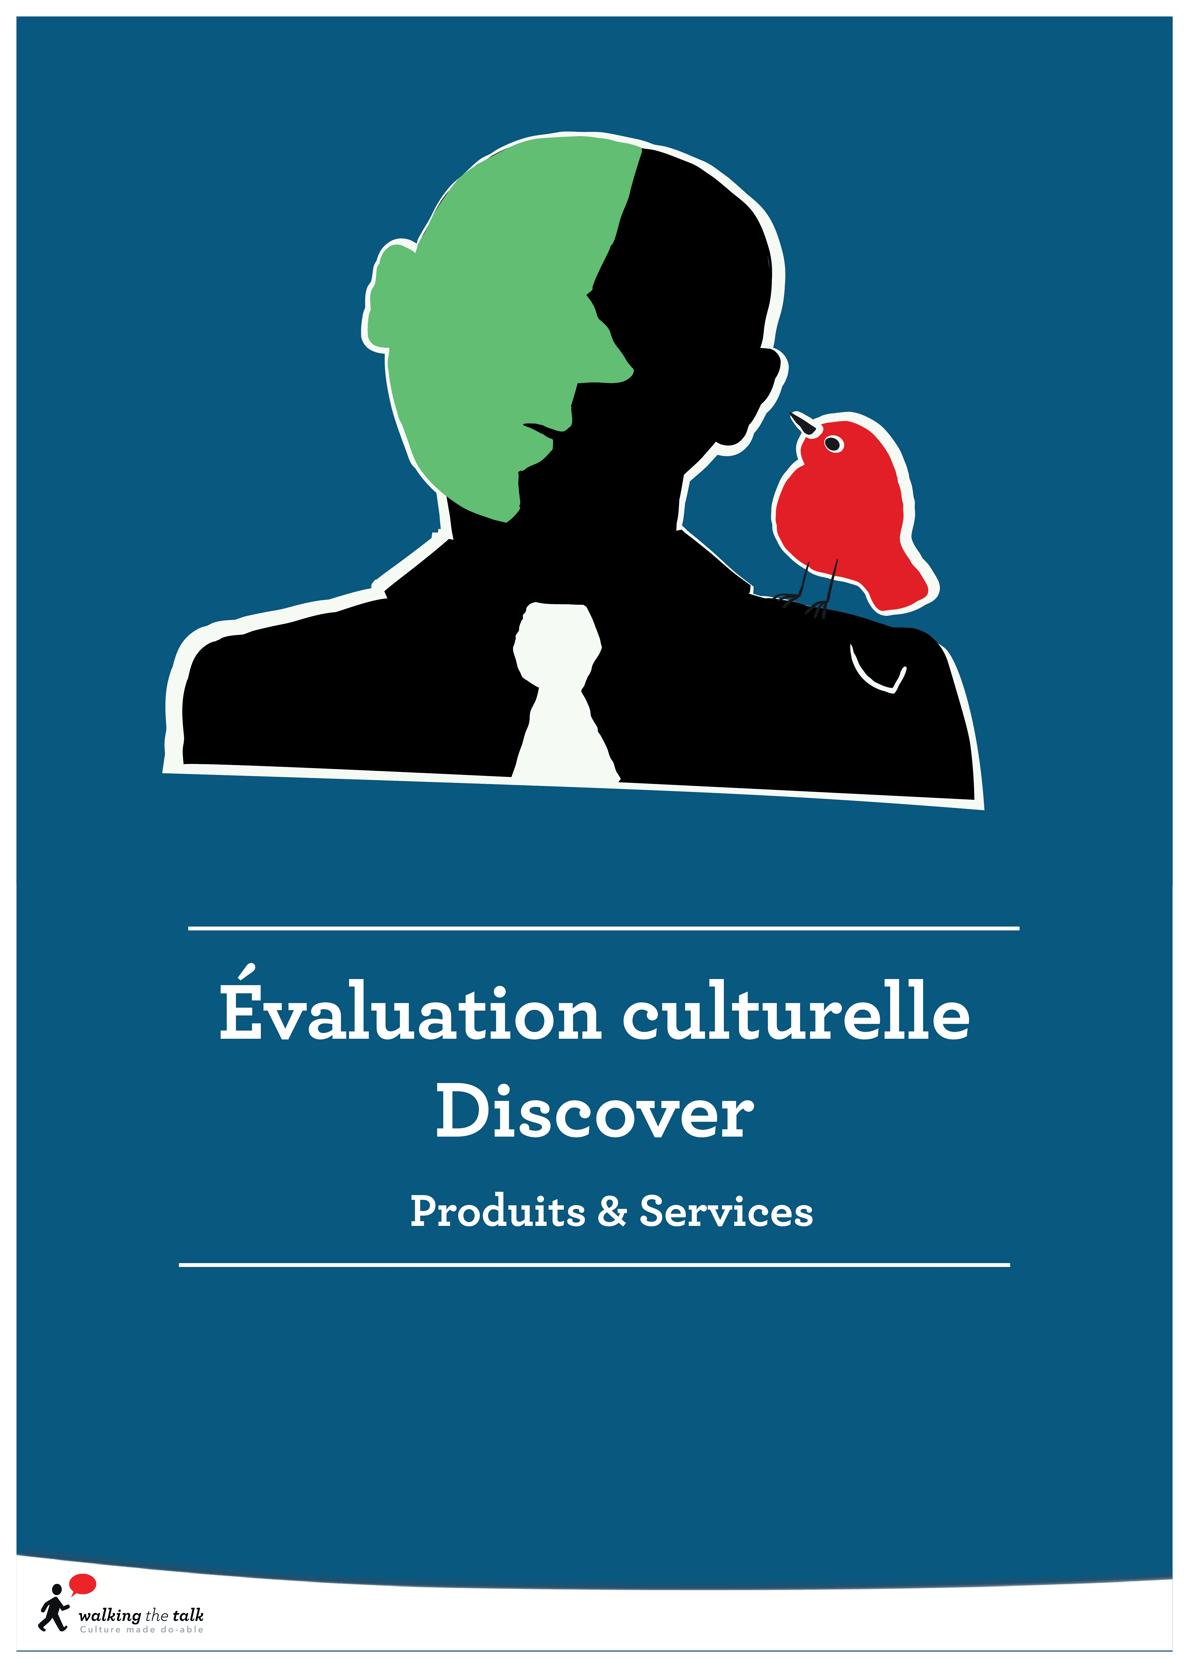 Alors qu'enquêtes et questionnaires peuvent dresser le portrait de votre culture d'entreprise, l'évaluation culturelle Discover repose sur des groupes de discussions confidentielspour explorer plus avant.